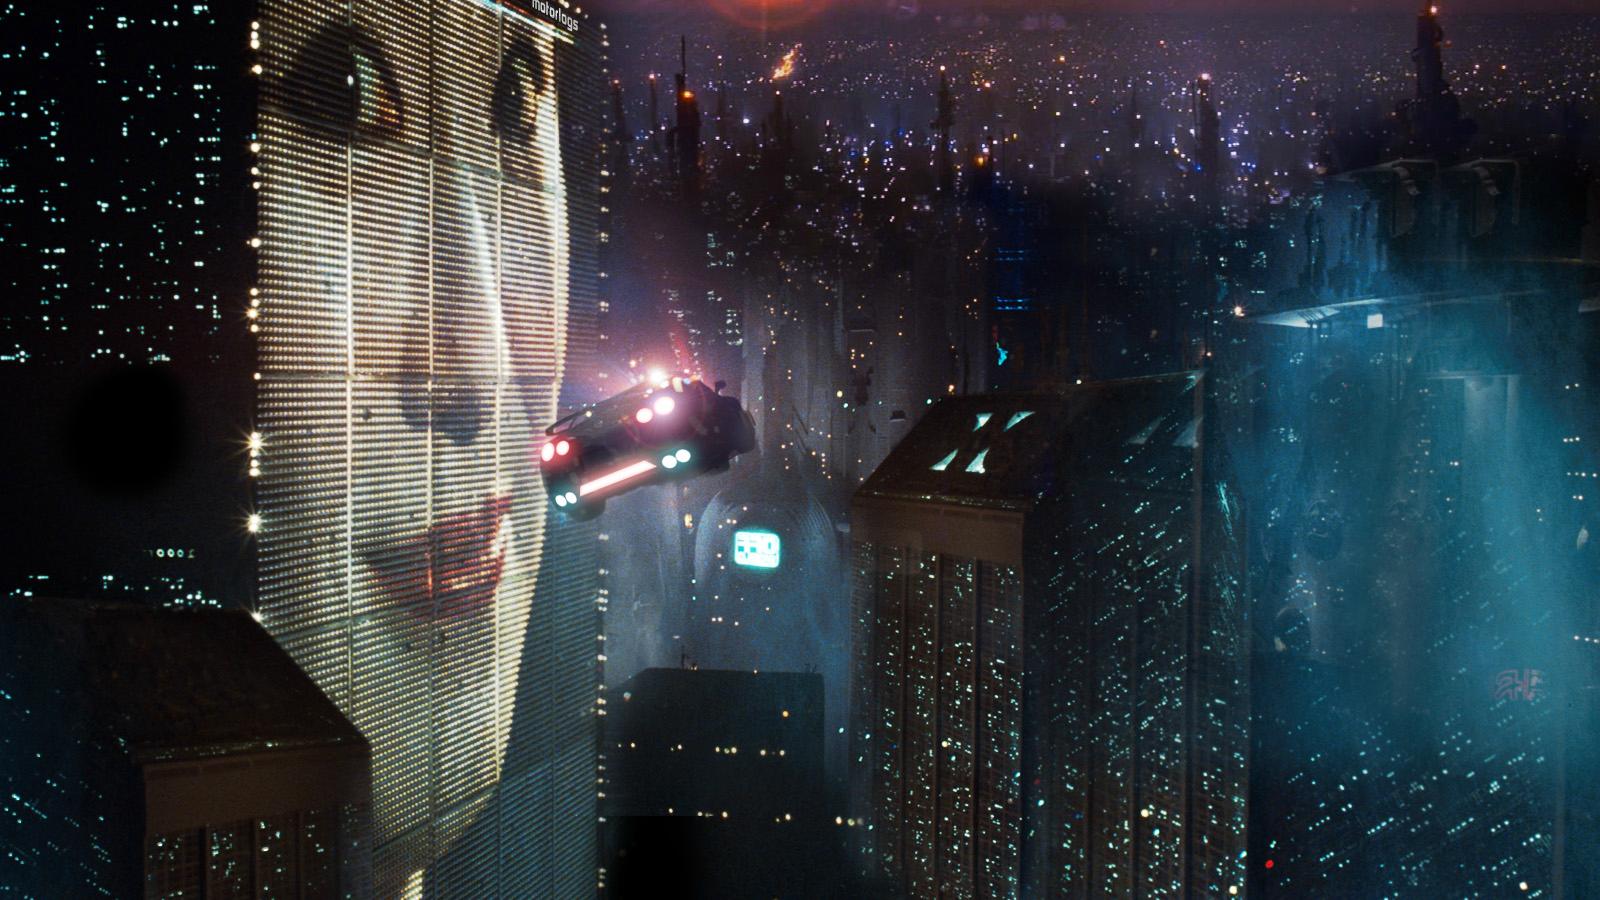 《银翼杀手》:它是我们的未来吗? | 极客公园